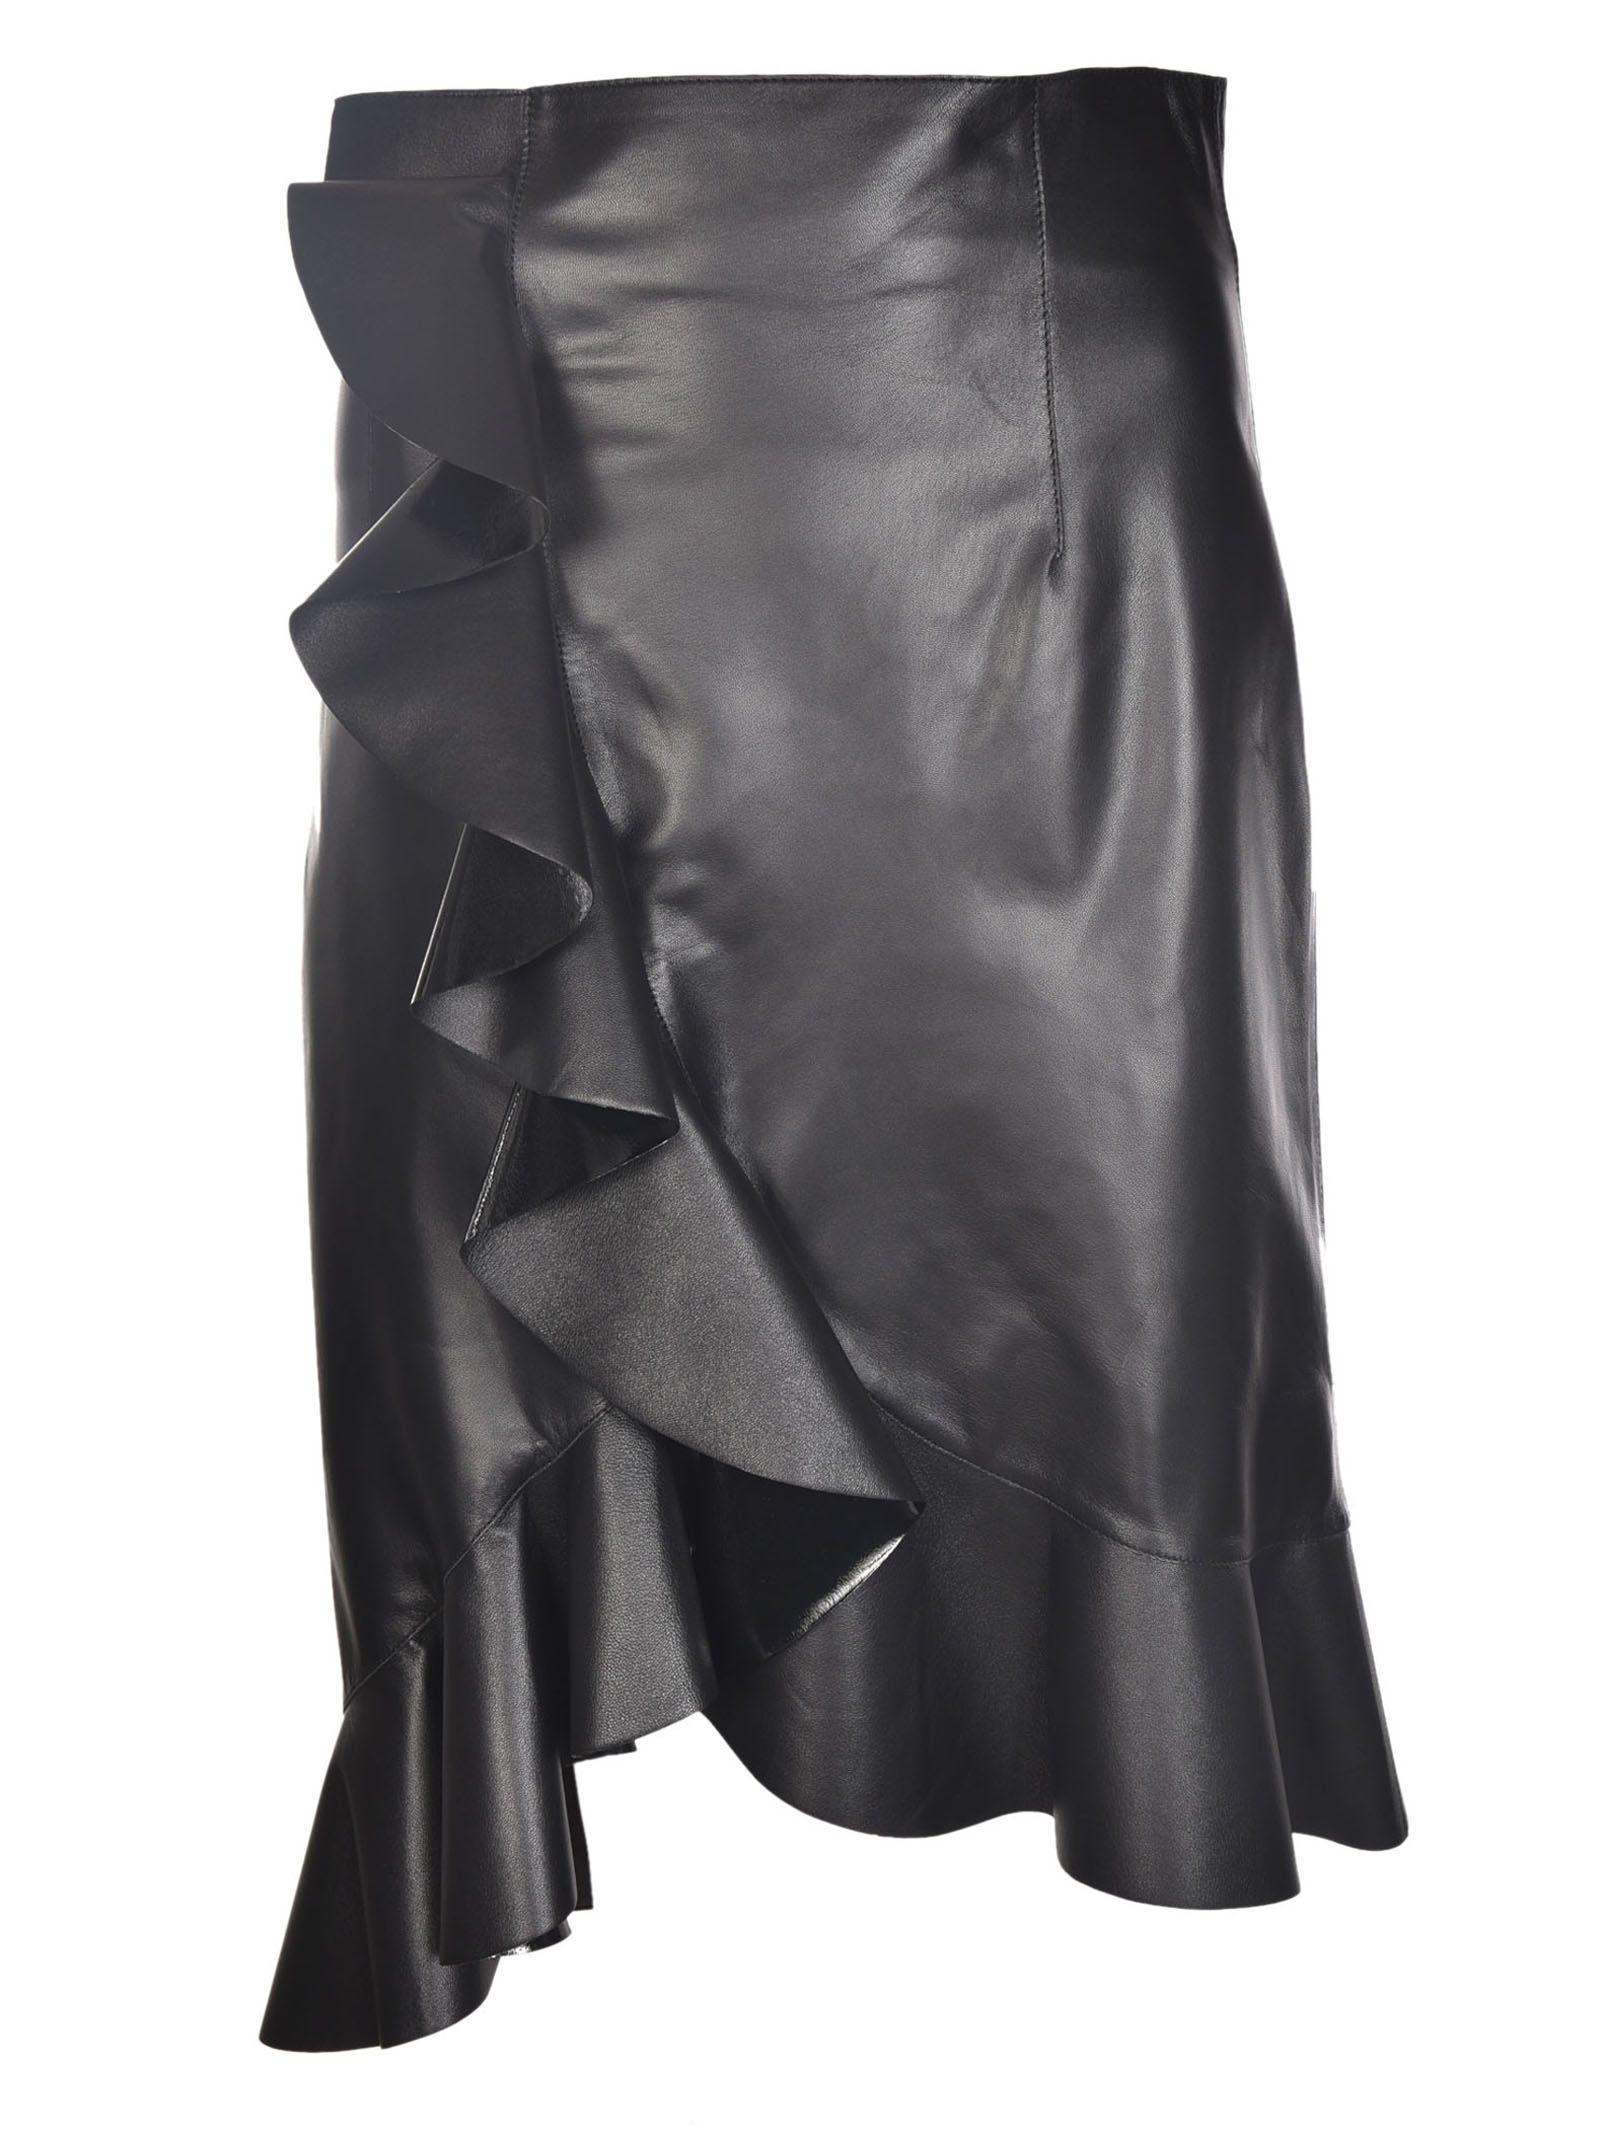 Lanvin Ruffled Detailing Skirt